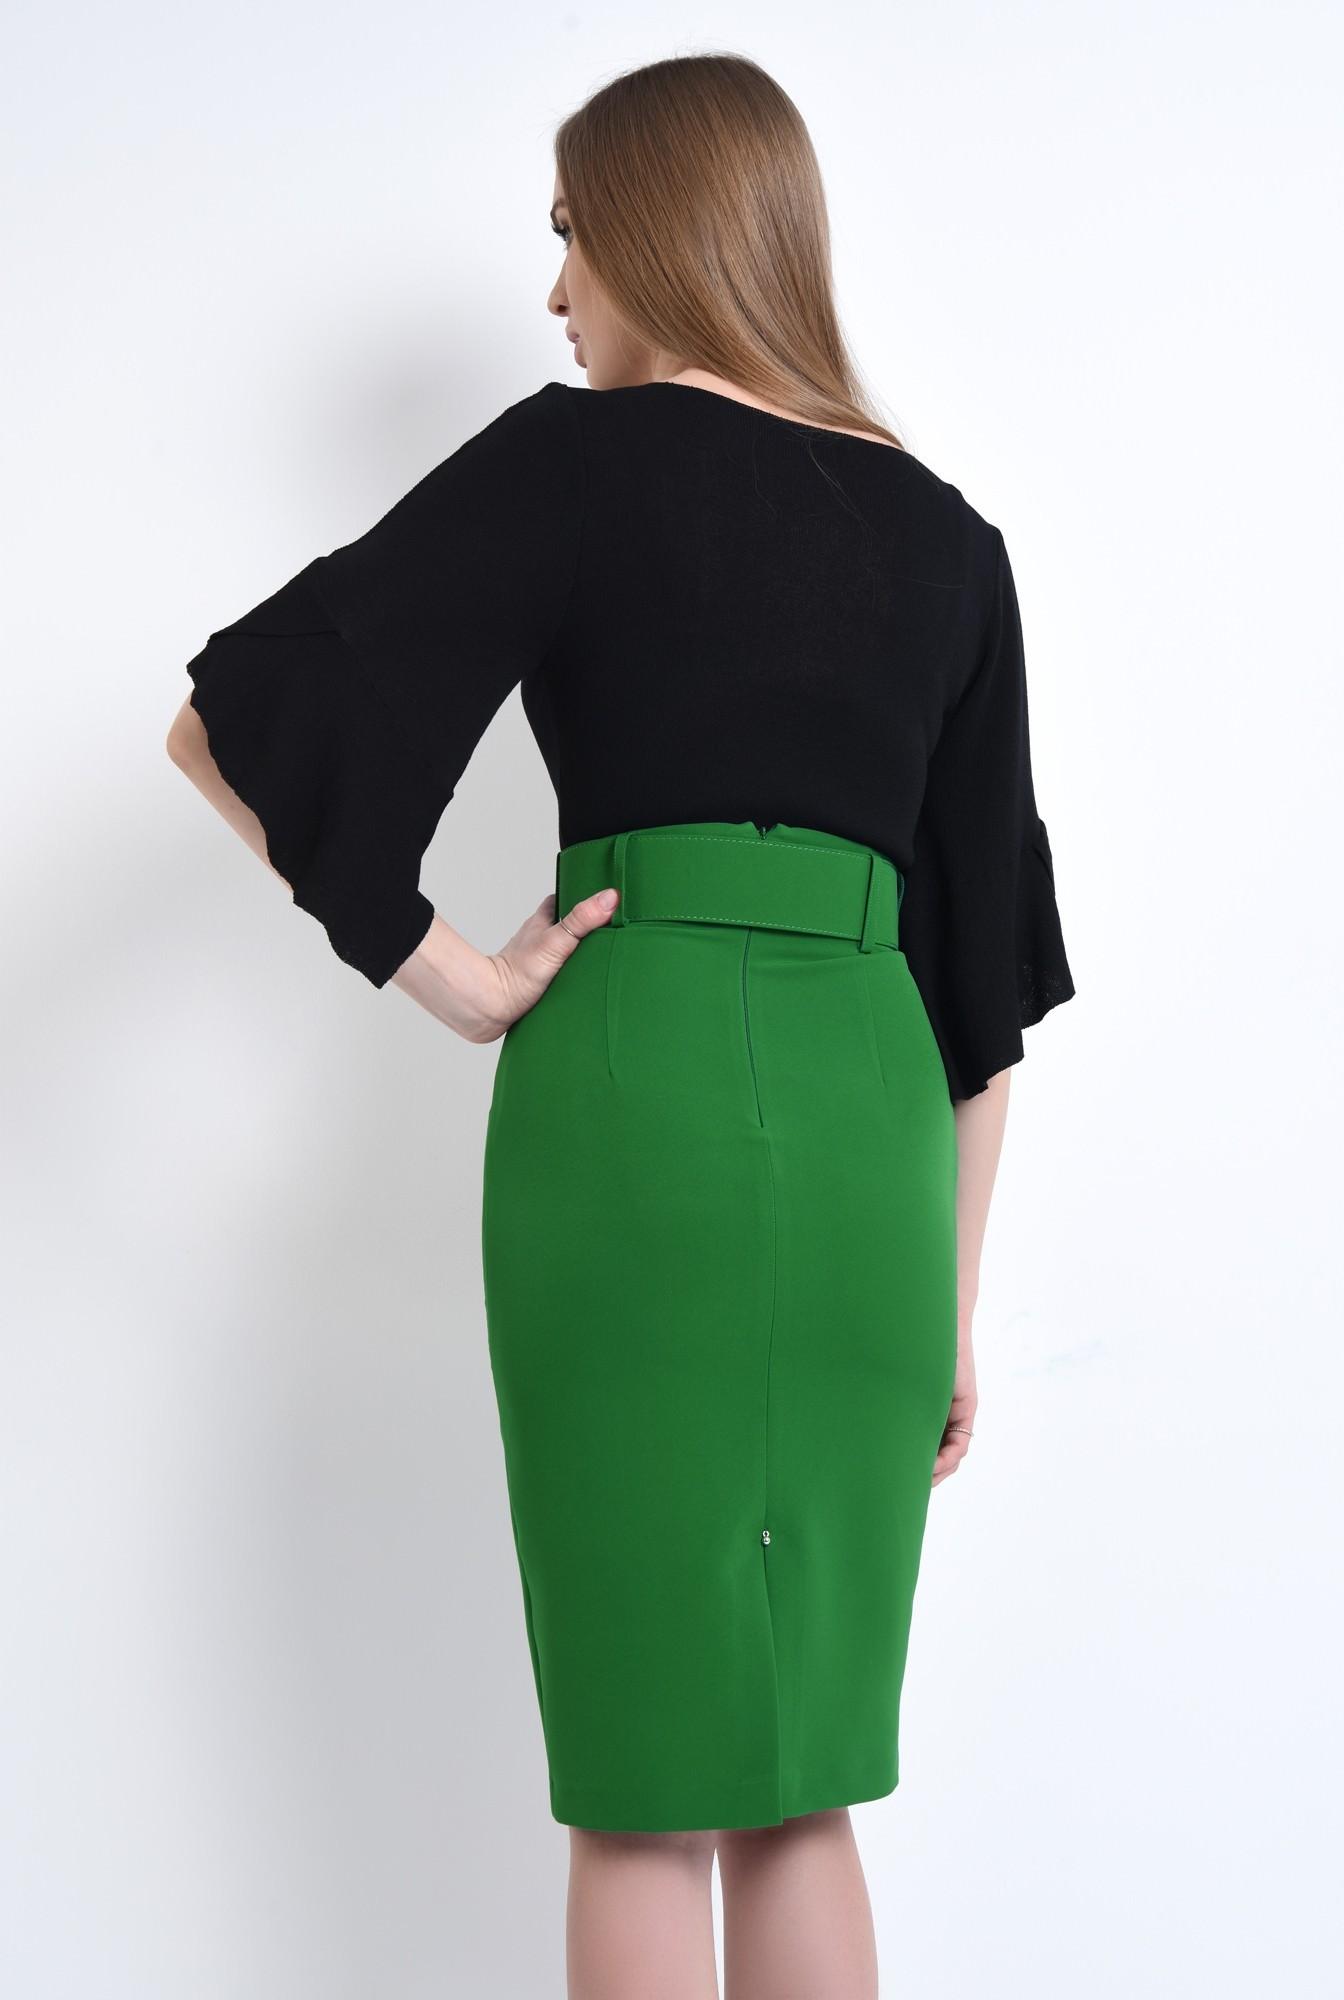 1 - Bluza casual, negru, tricot